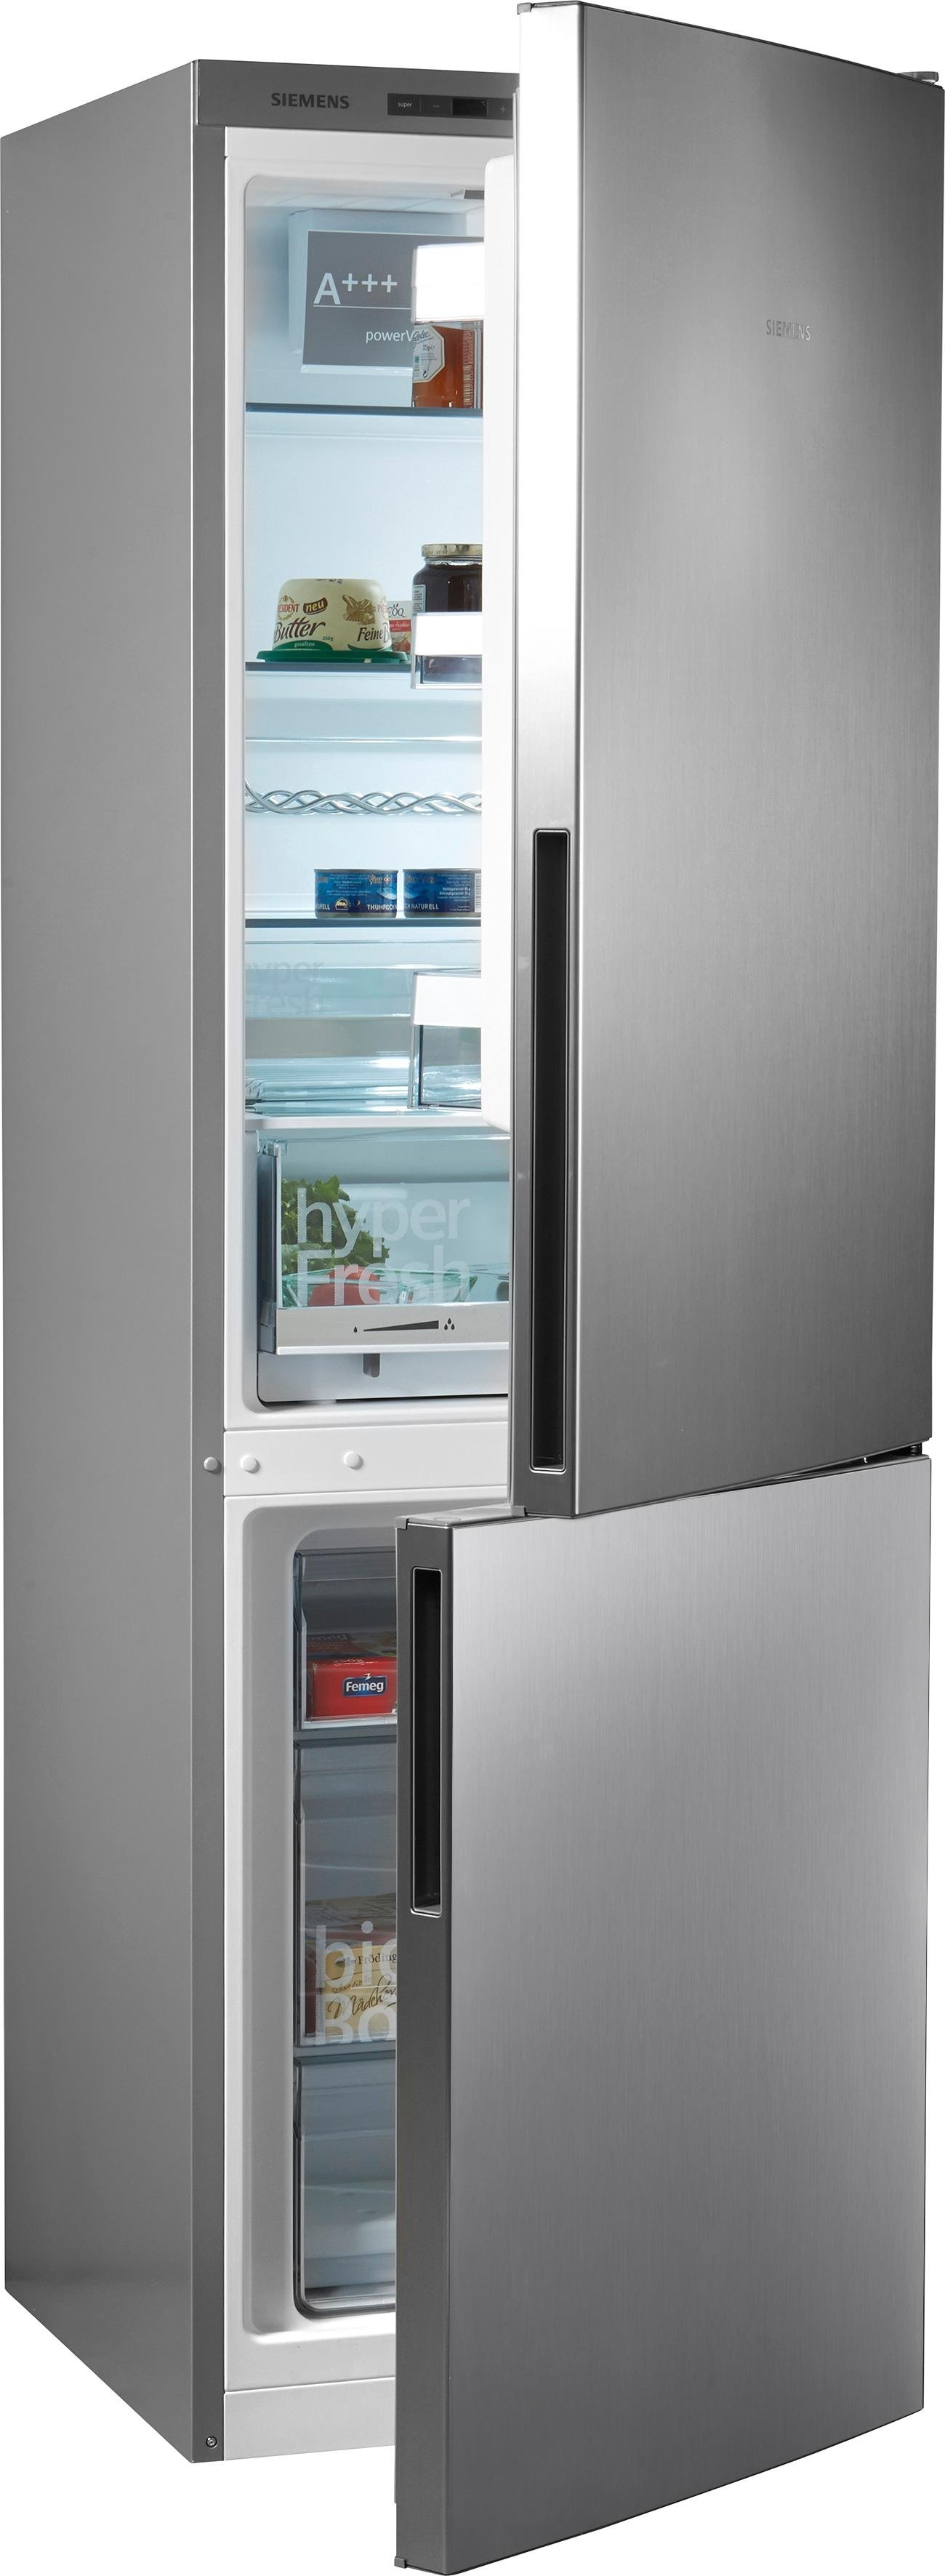 Siemens koel-vriescombinatie iQ300, 186 cm hoog, 60 cm breed voordelig en veilig online kopen